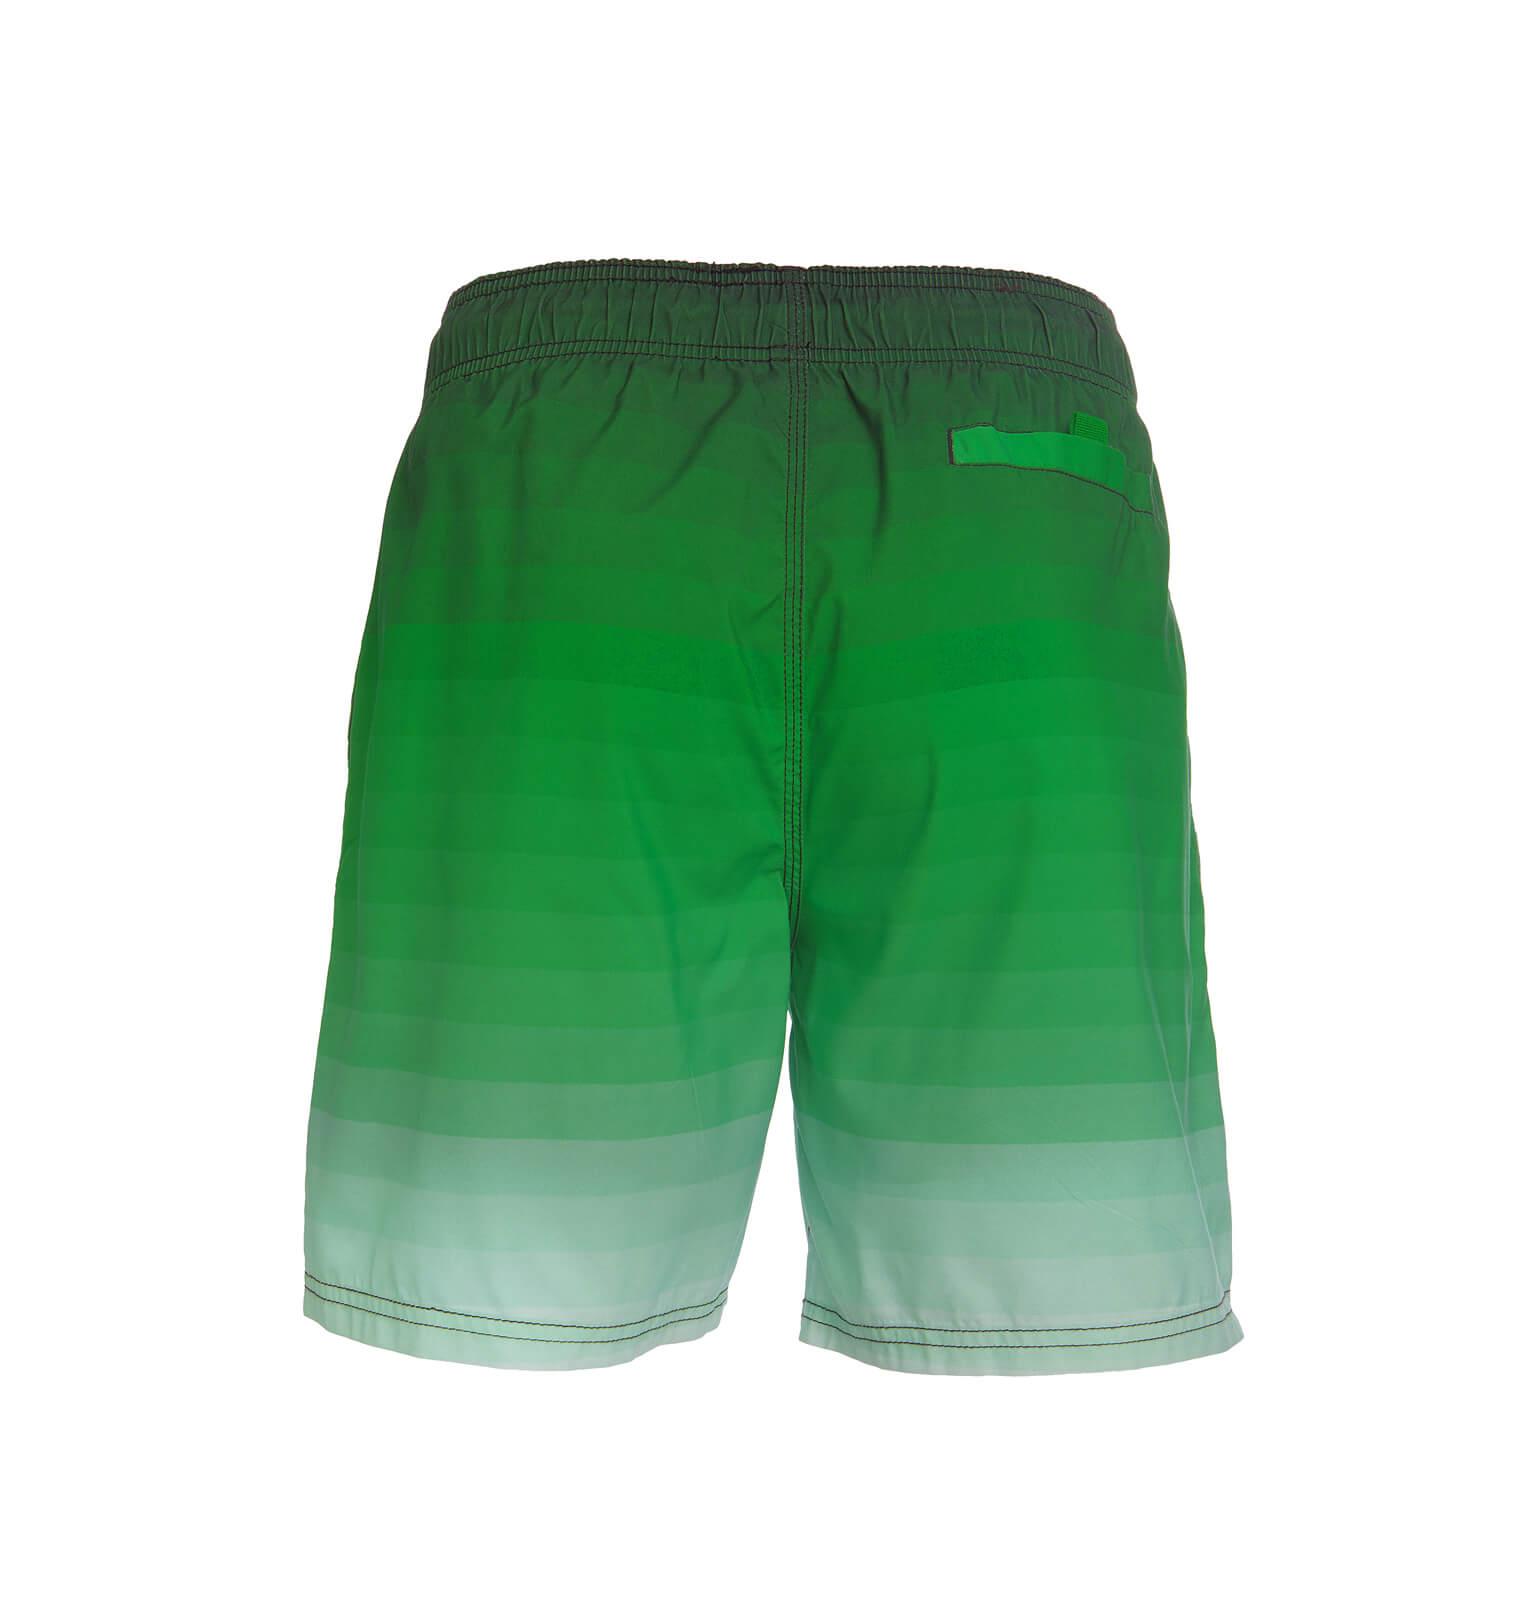 Neon Zwembroek Mannen.Shiwi Zwembroek Voor Heren Groen One Fashion